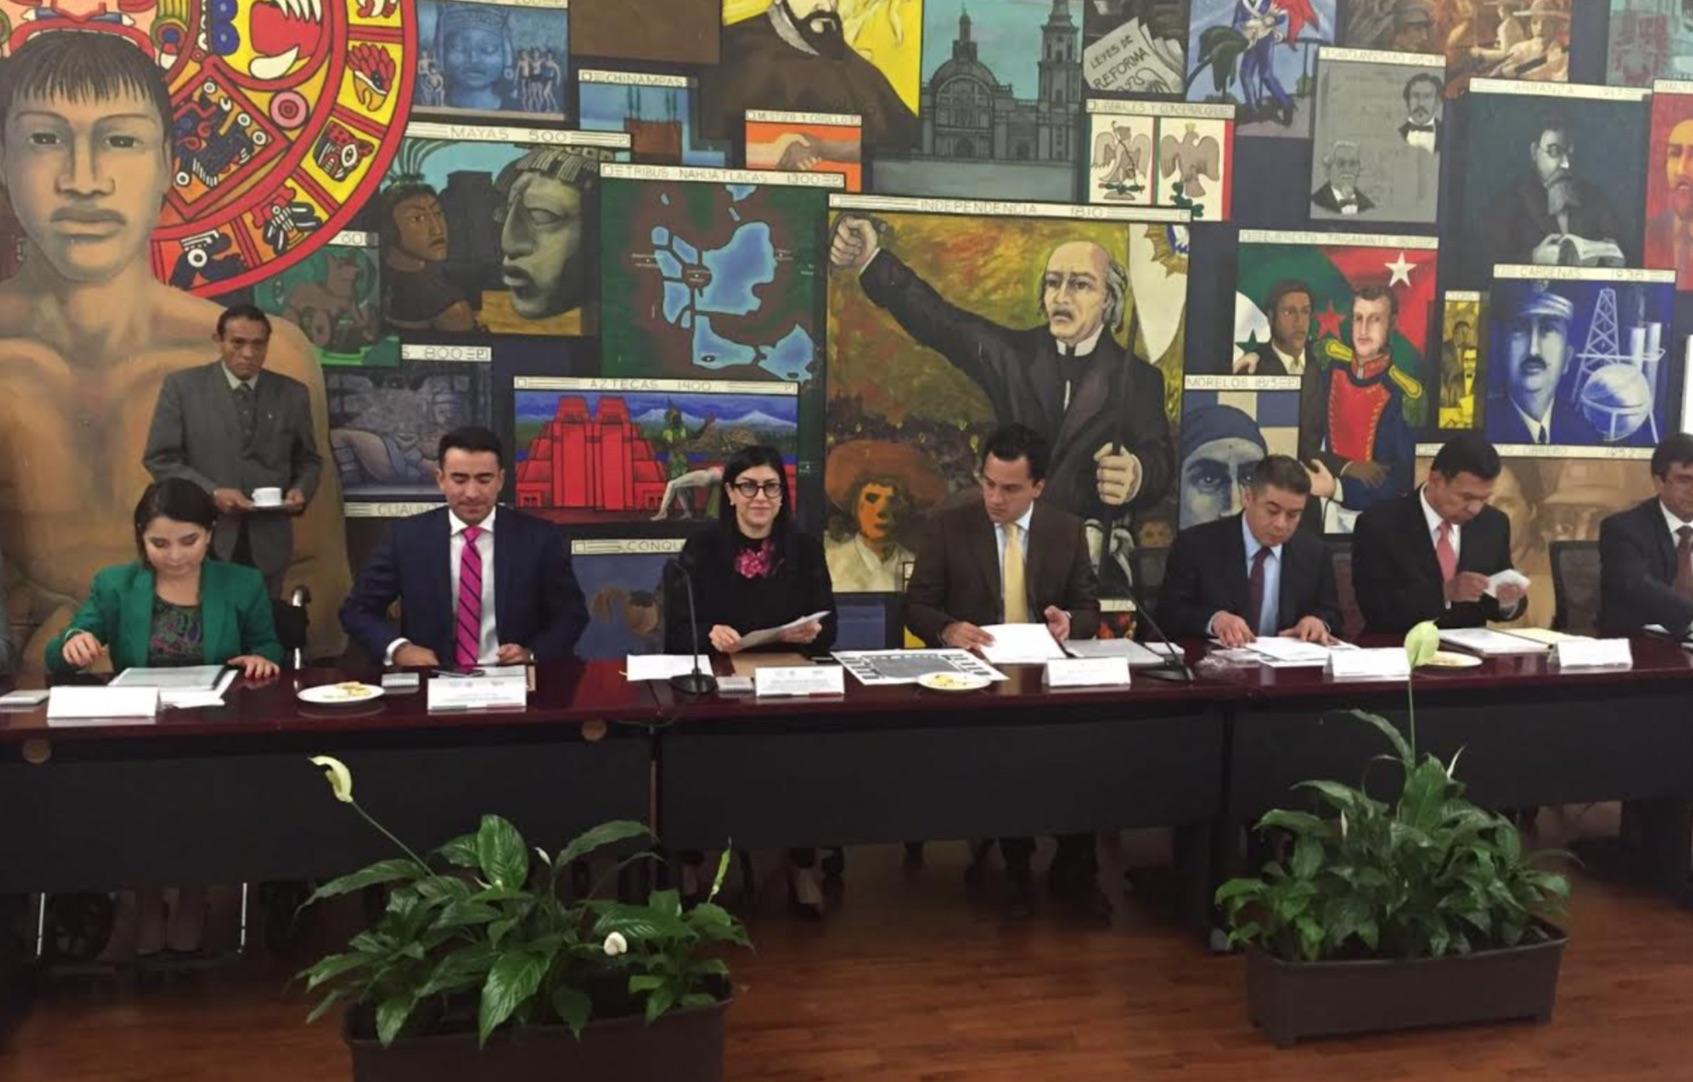 Sedesol apoya con decisión acciones para revertir rezagos y carencias en la que se encuentran miles de jóvenes mexicanos.